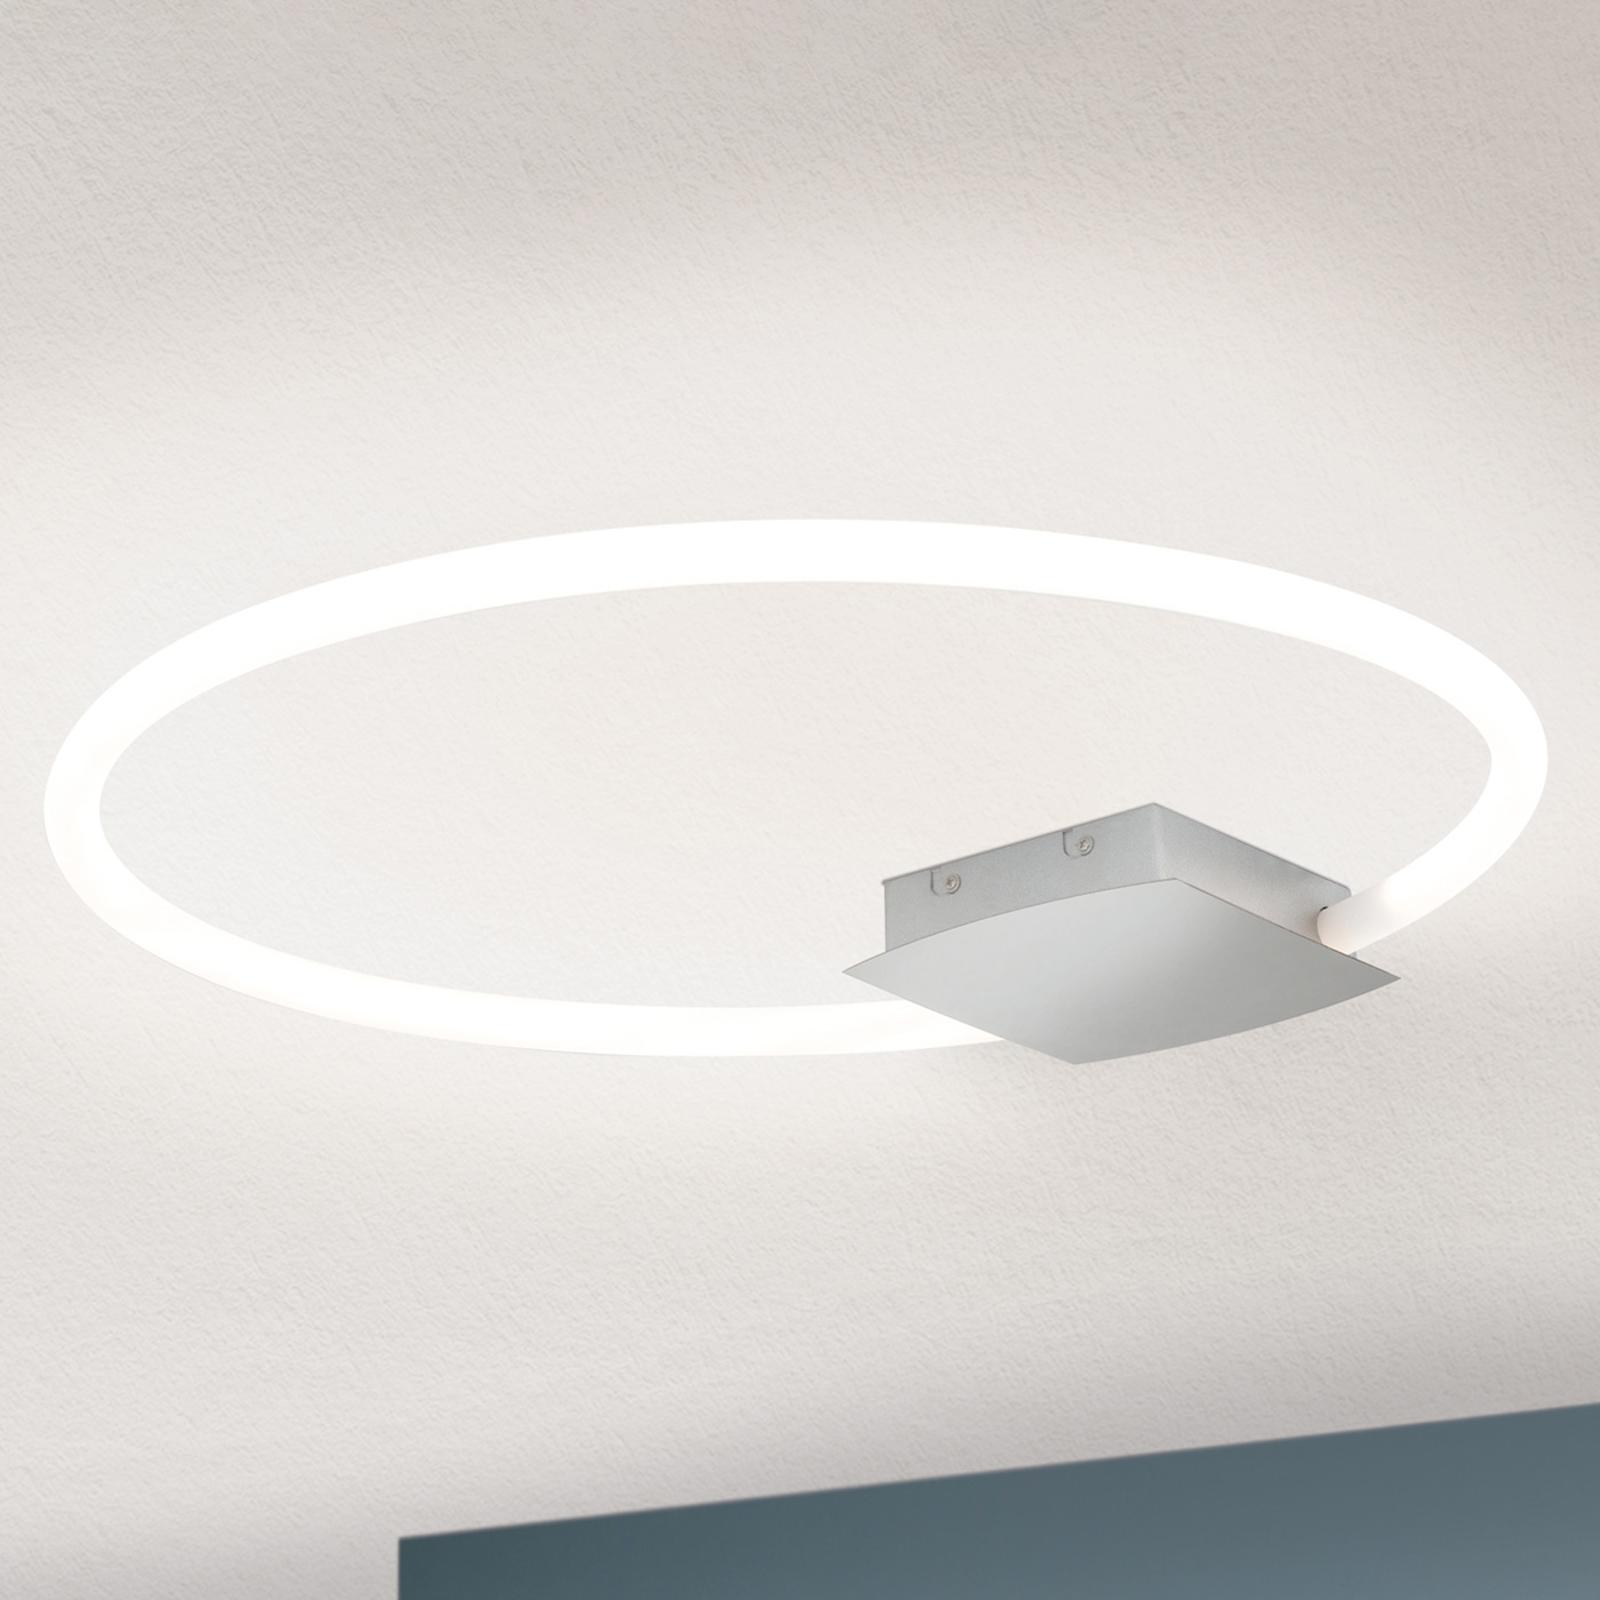 Lampa sufitowa LED Karlsson pierścień, 60 cm